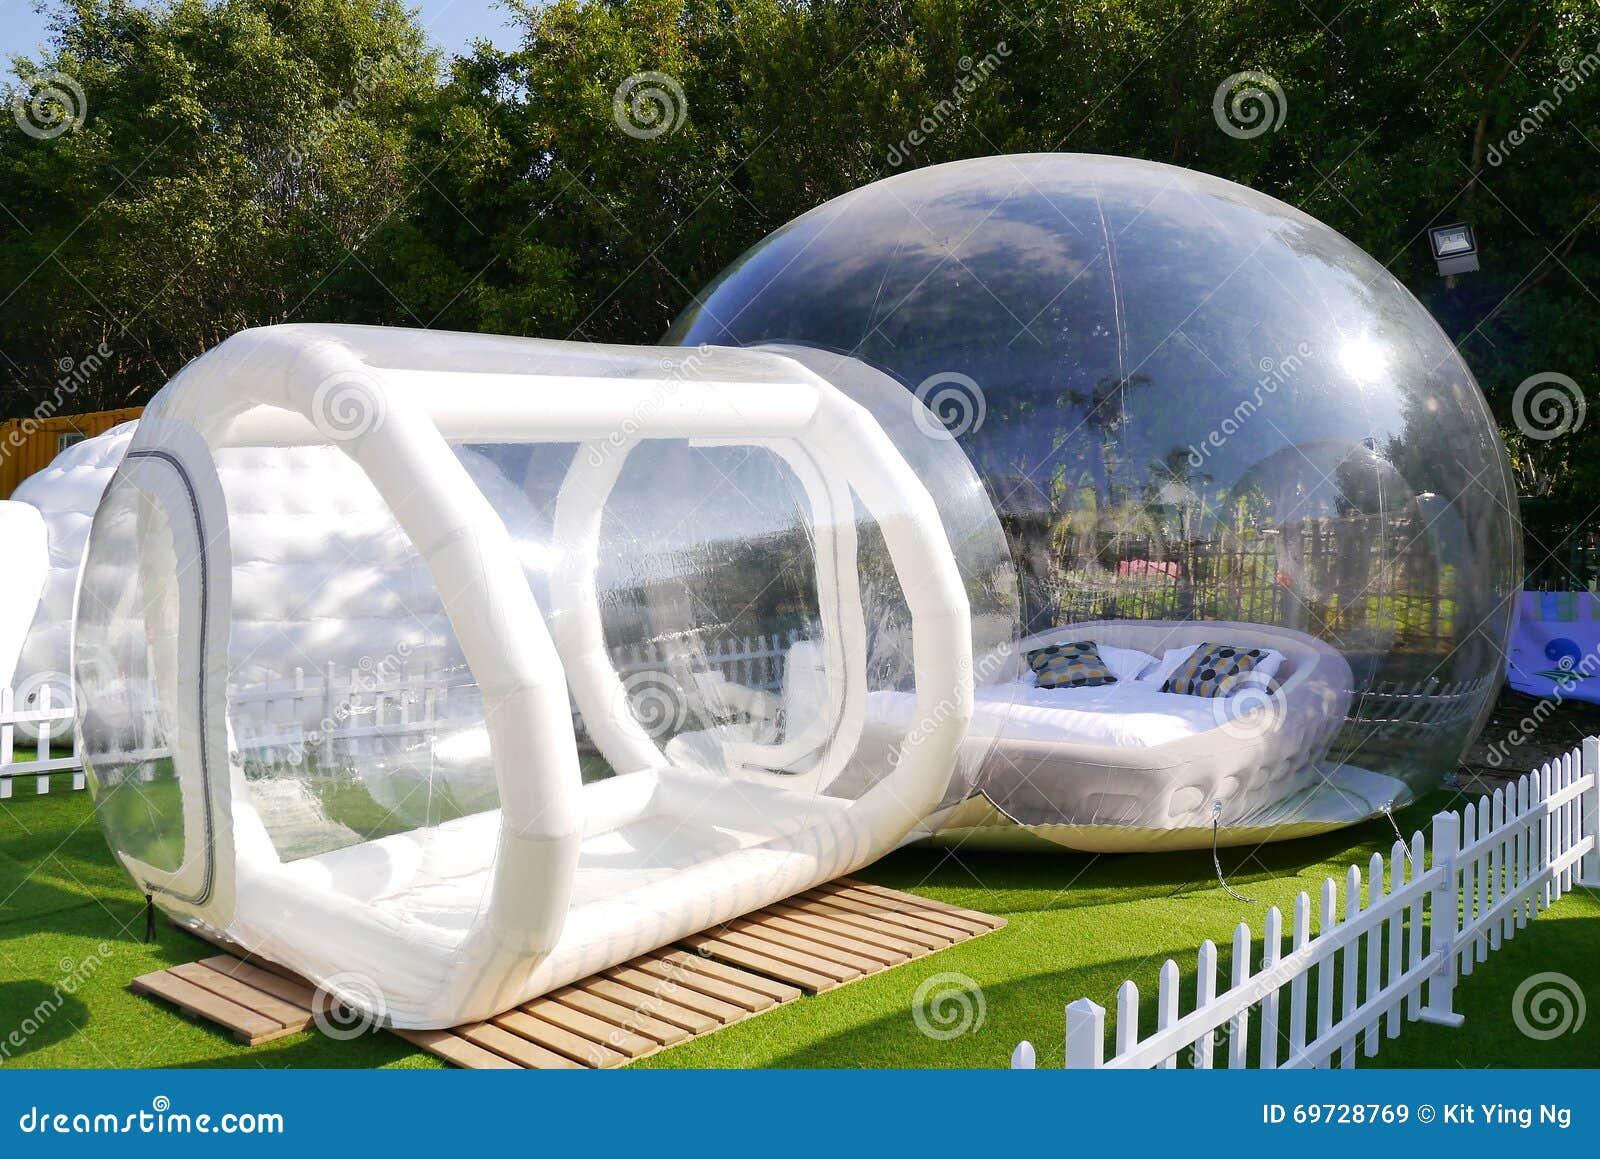 Tente transparente de plastique de bulle photo stock image 69728769 - Tente bulle transparente ...